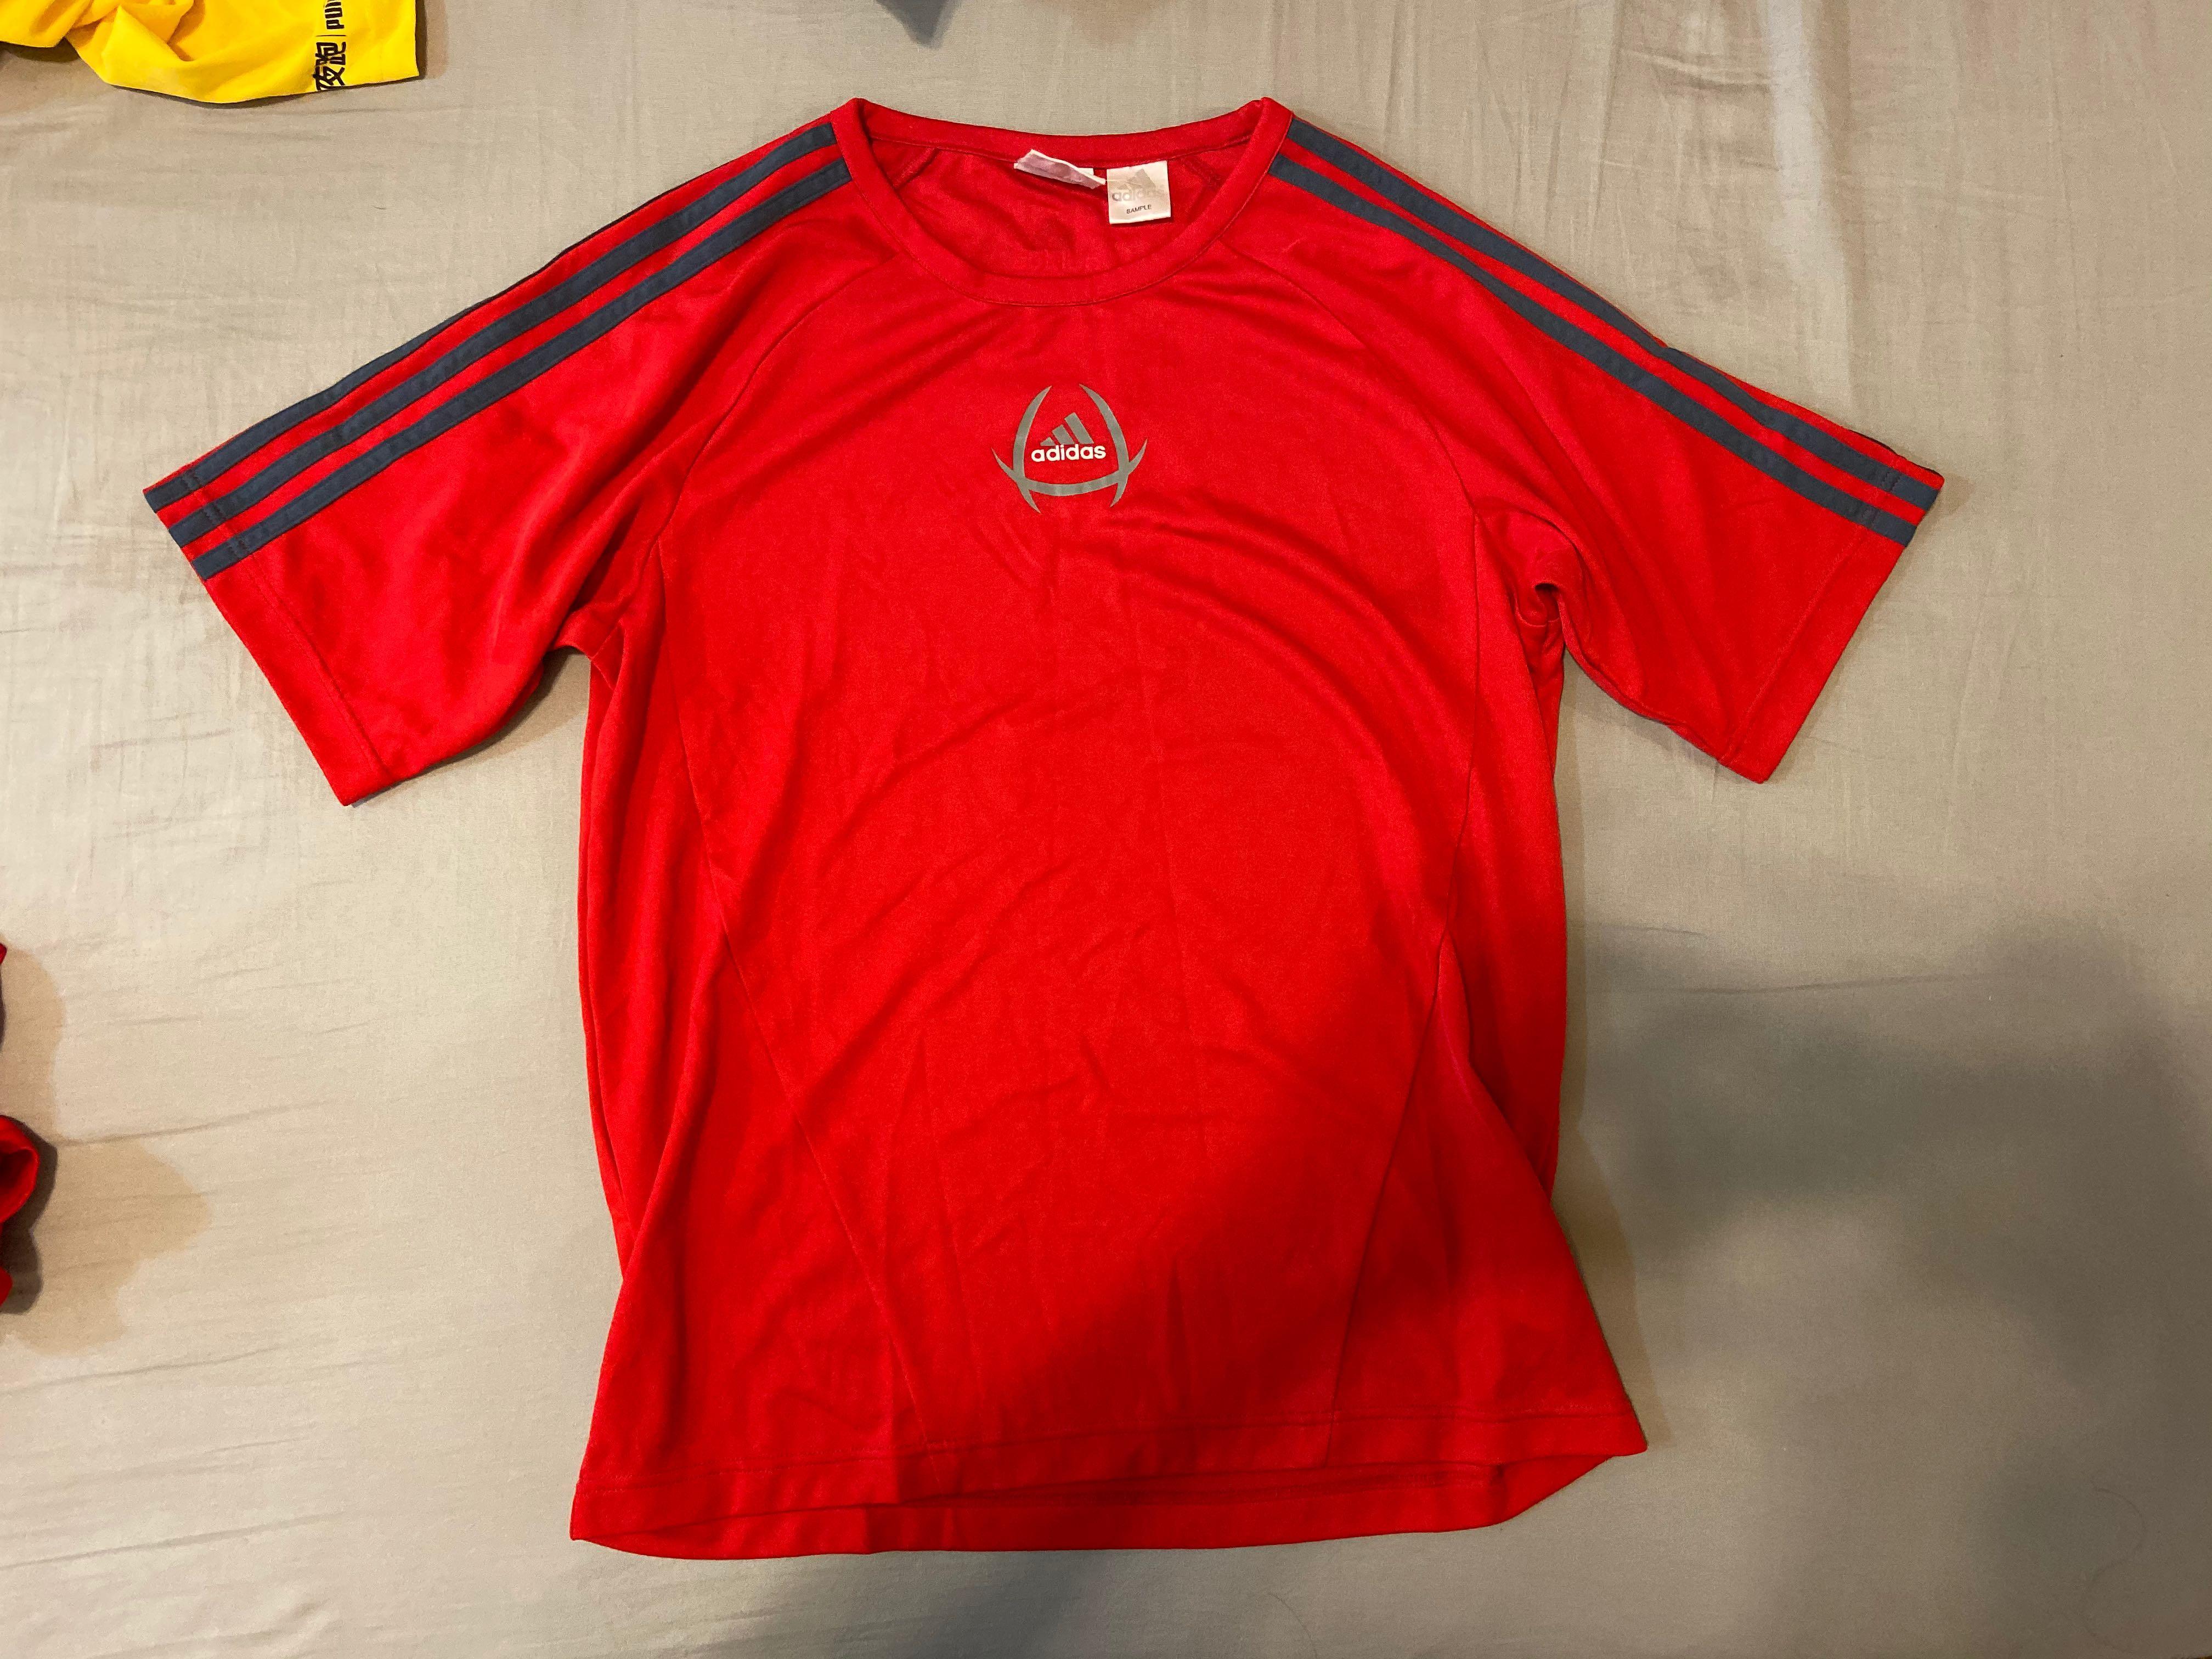 愛迪達 Adidas 運動 路跑 馬拉松 透氣排汗衫